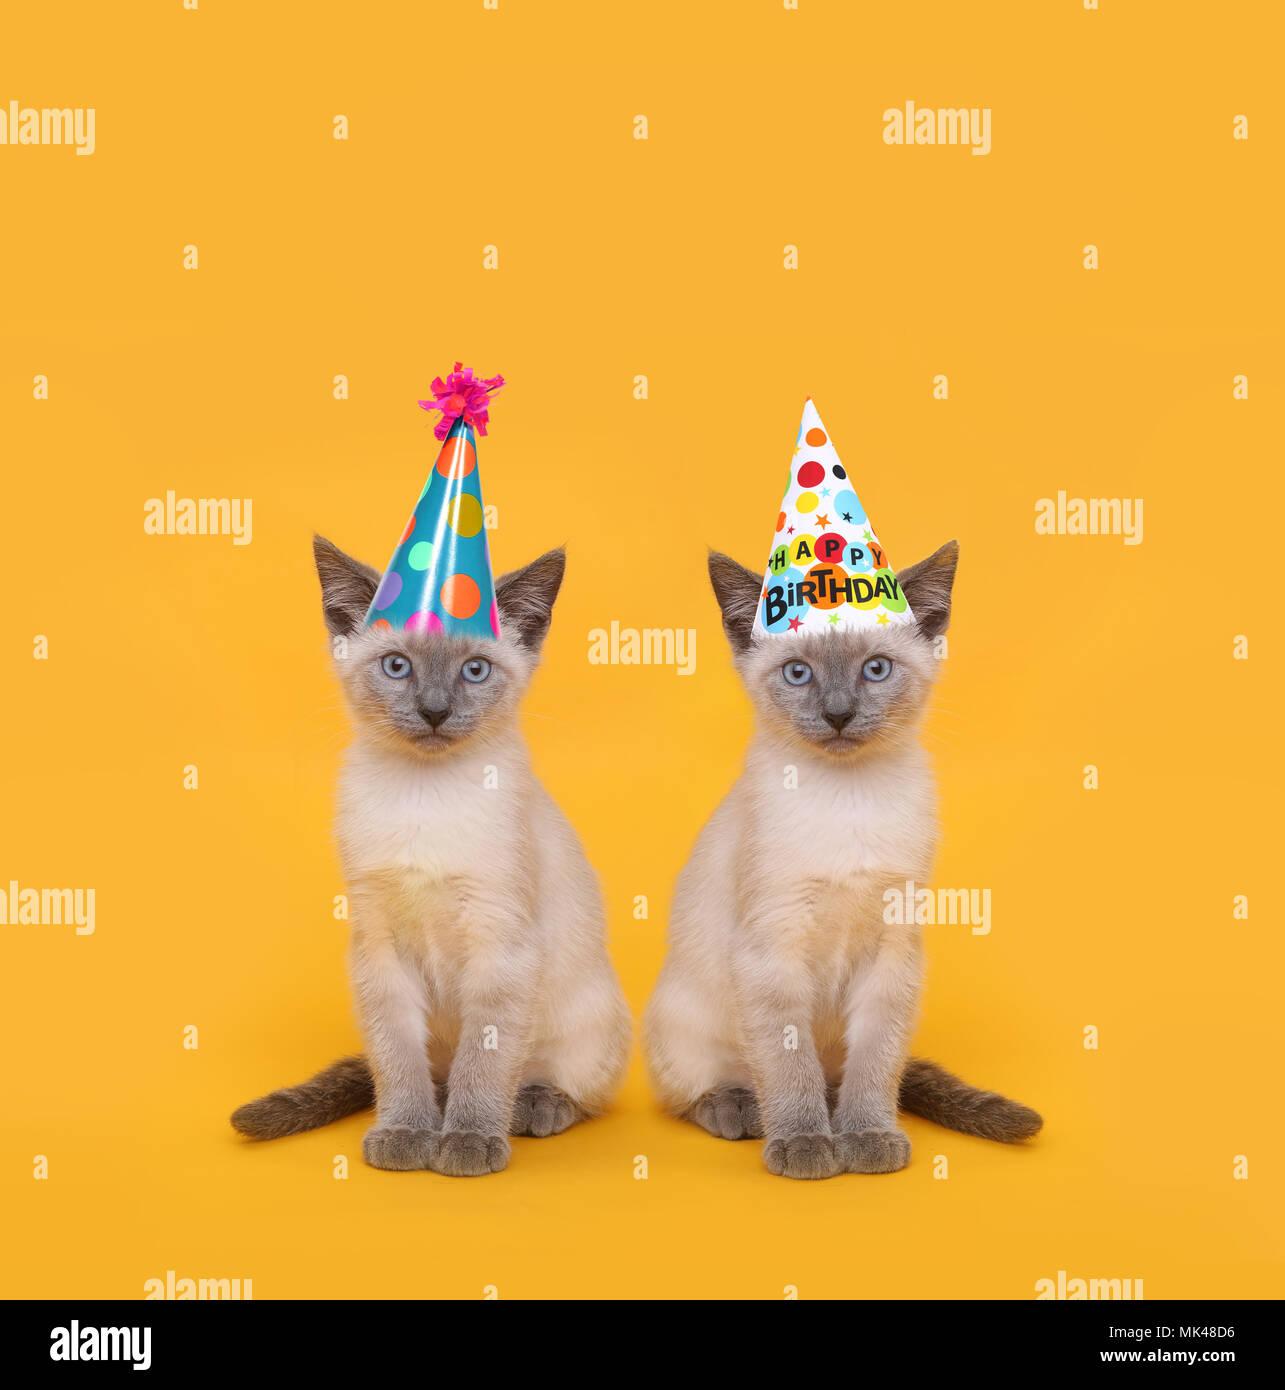 Siam Katzen Tragen Geburtstag Party Hute Stockfoto Bild 183876594